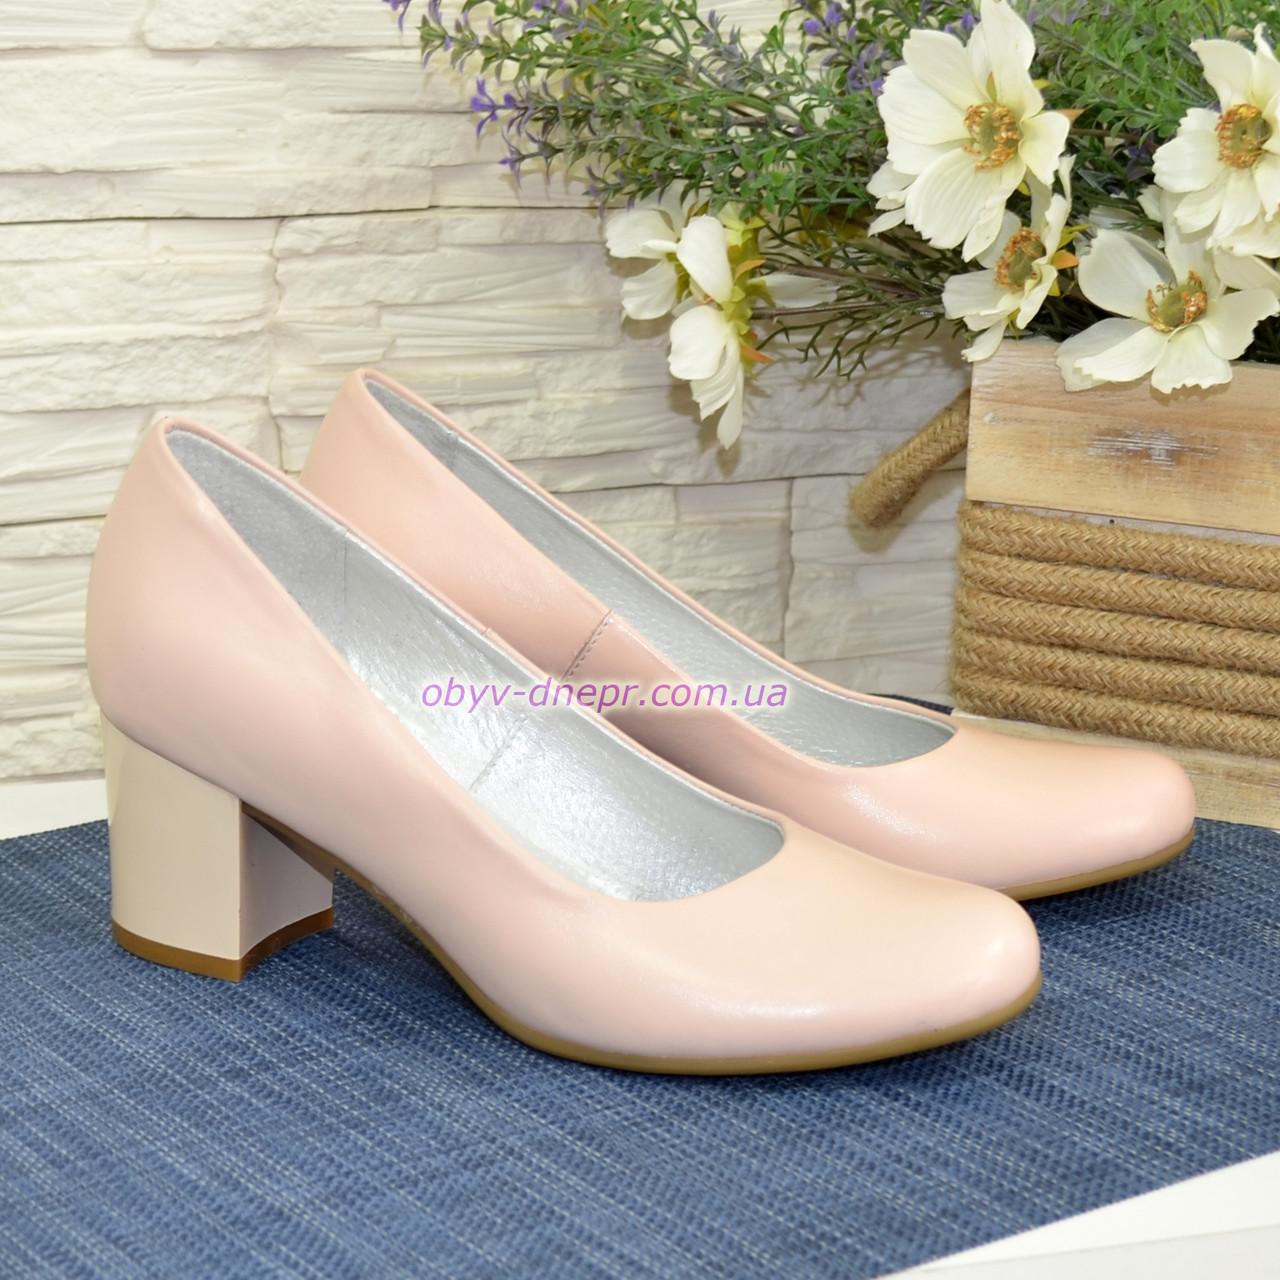 Женские кожаные туфли на невысоком устойчивом каблуке, цвет пудра